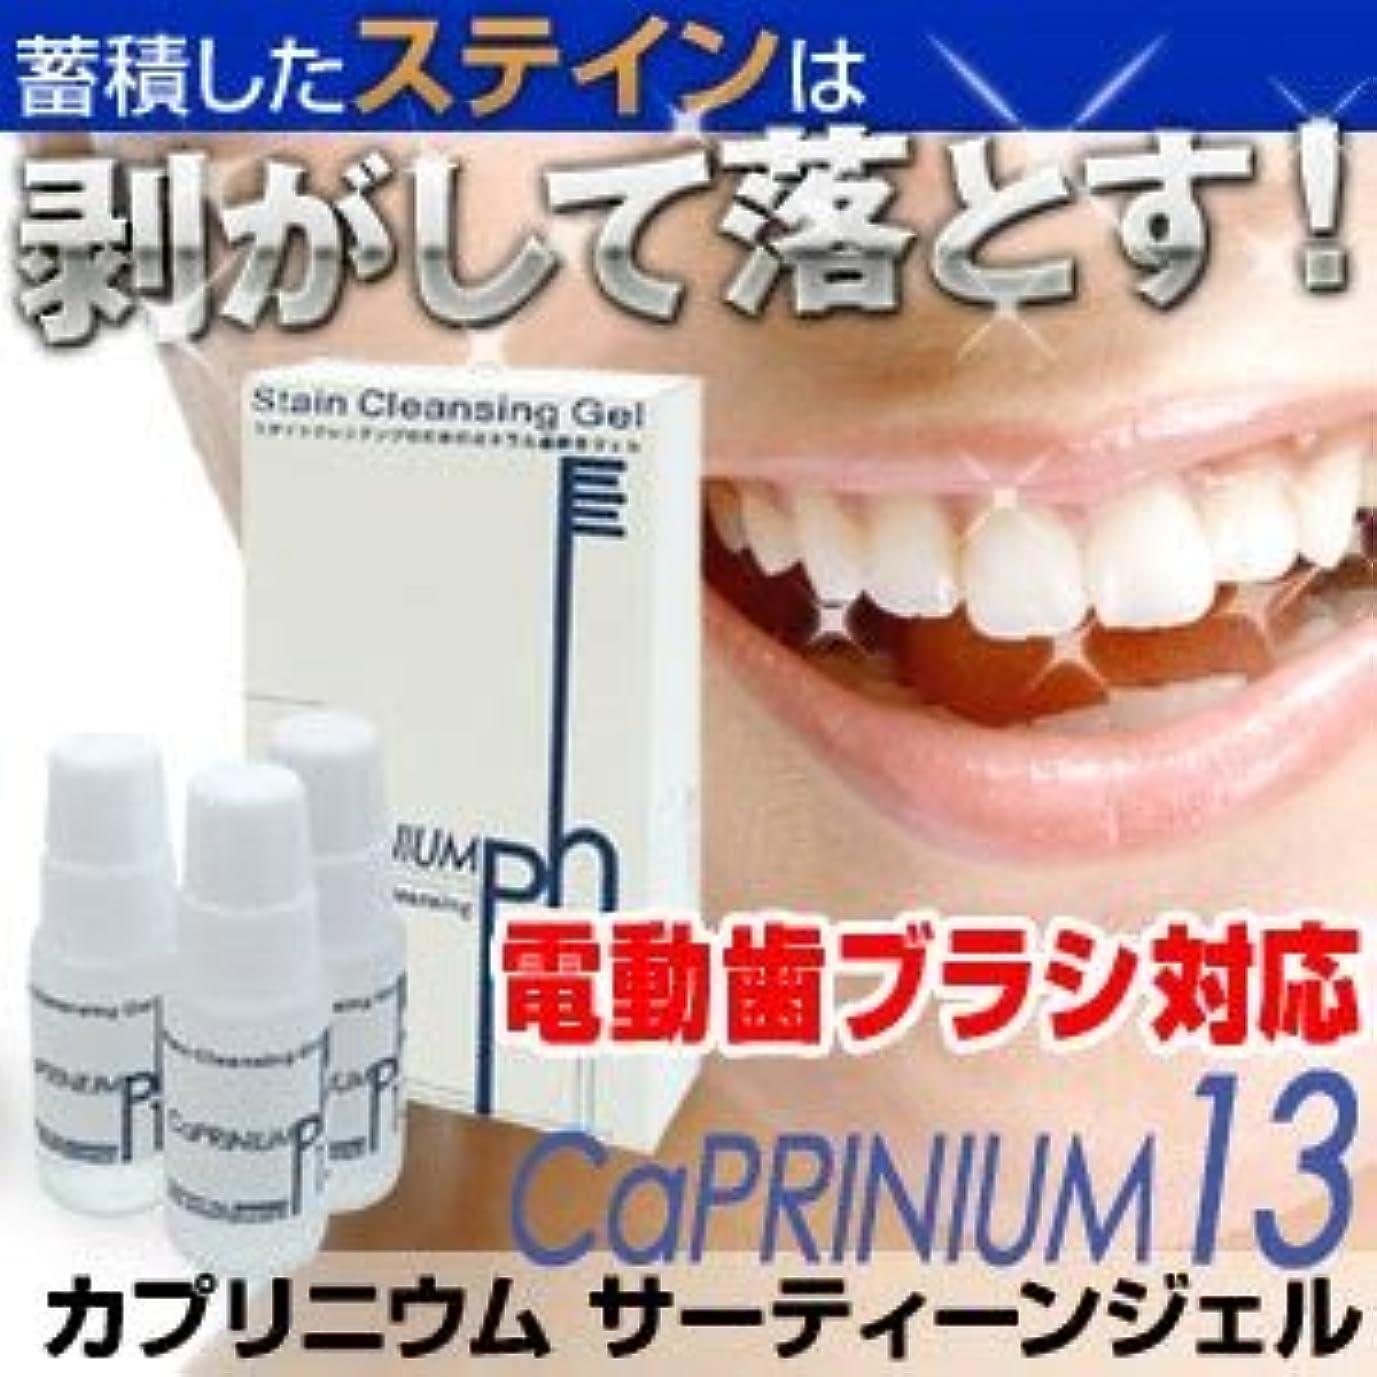 ピザ支払い病院カプリニウム サーティーンジェル(CaPRINIUM 13) 新発想のホワイトニング歯磨きジェル